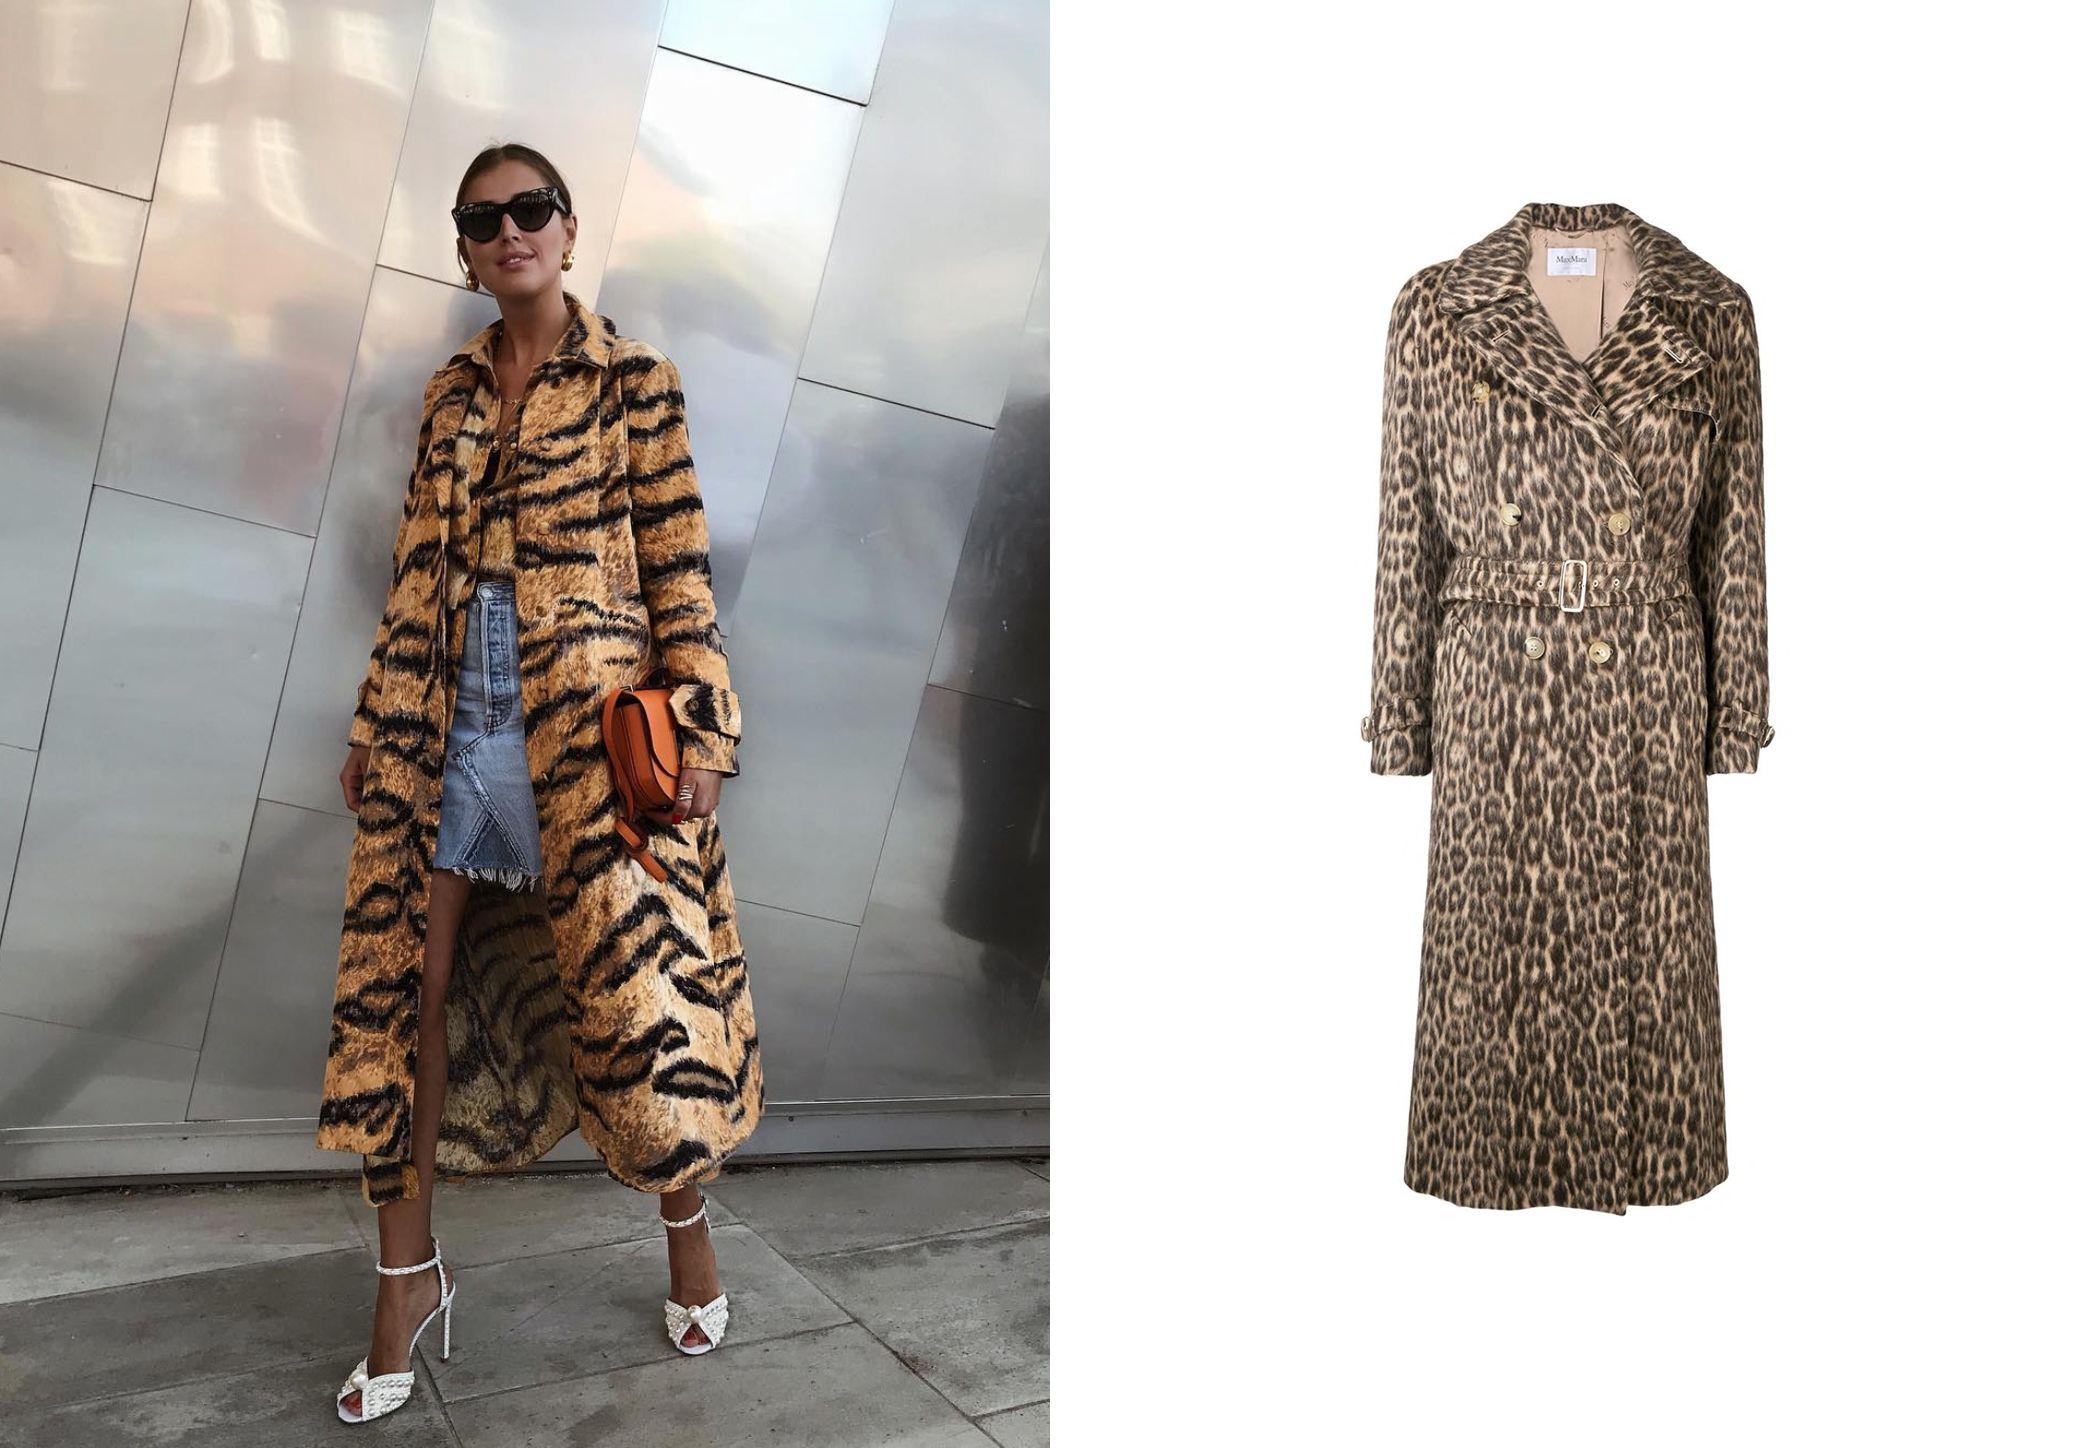 De izq a dcha: Darja Barannik con abrigo animal print firmado por Hofmann Copenhagen y trench de leopardo con doble botonadura y cinturón con hebilla metálica de Max Mara, 1.557 €. (@darjabarannik y cortesía de la marca)